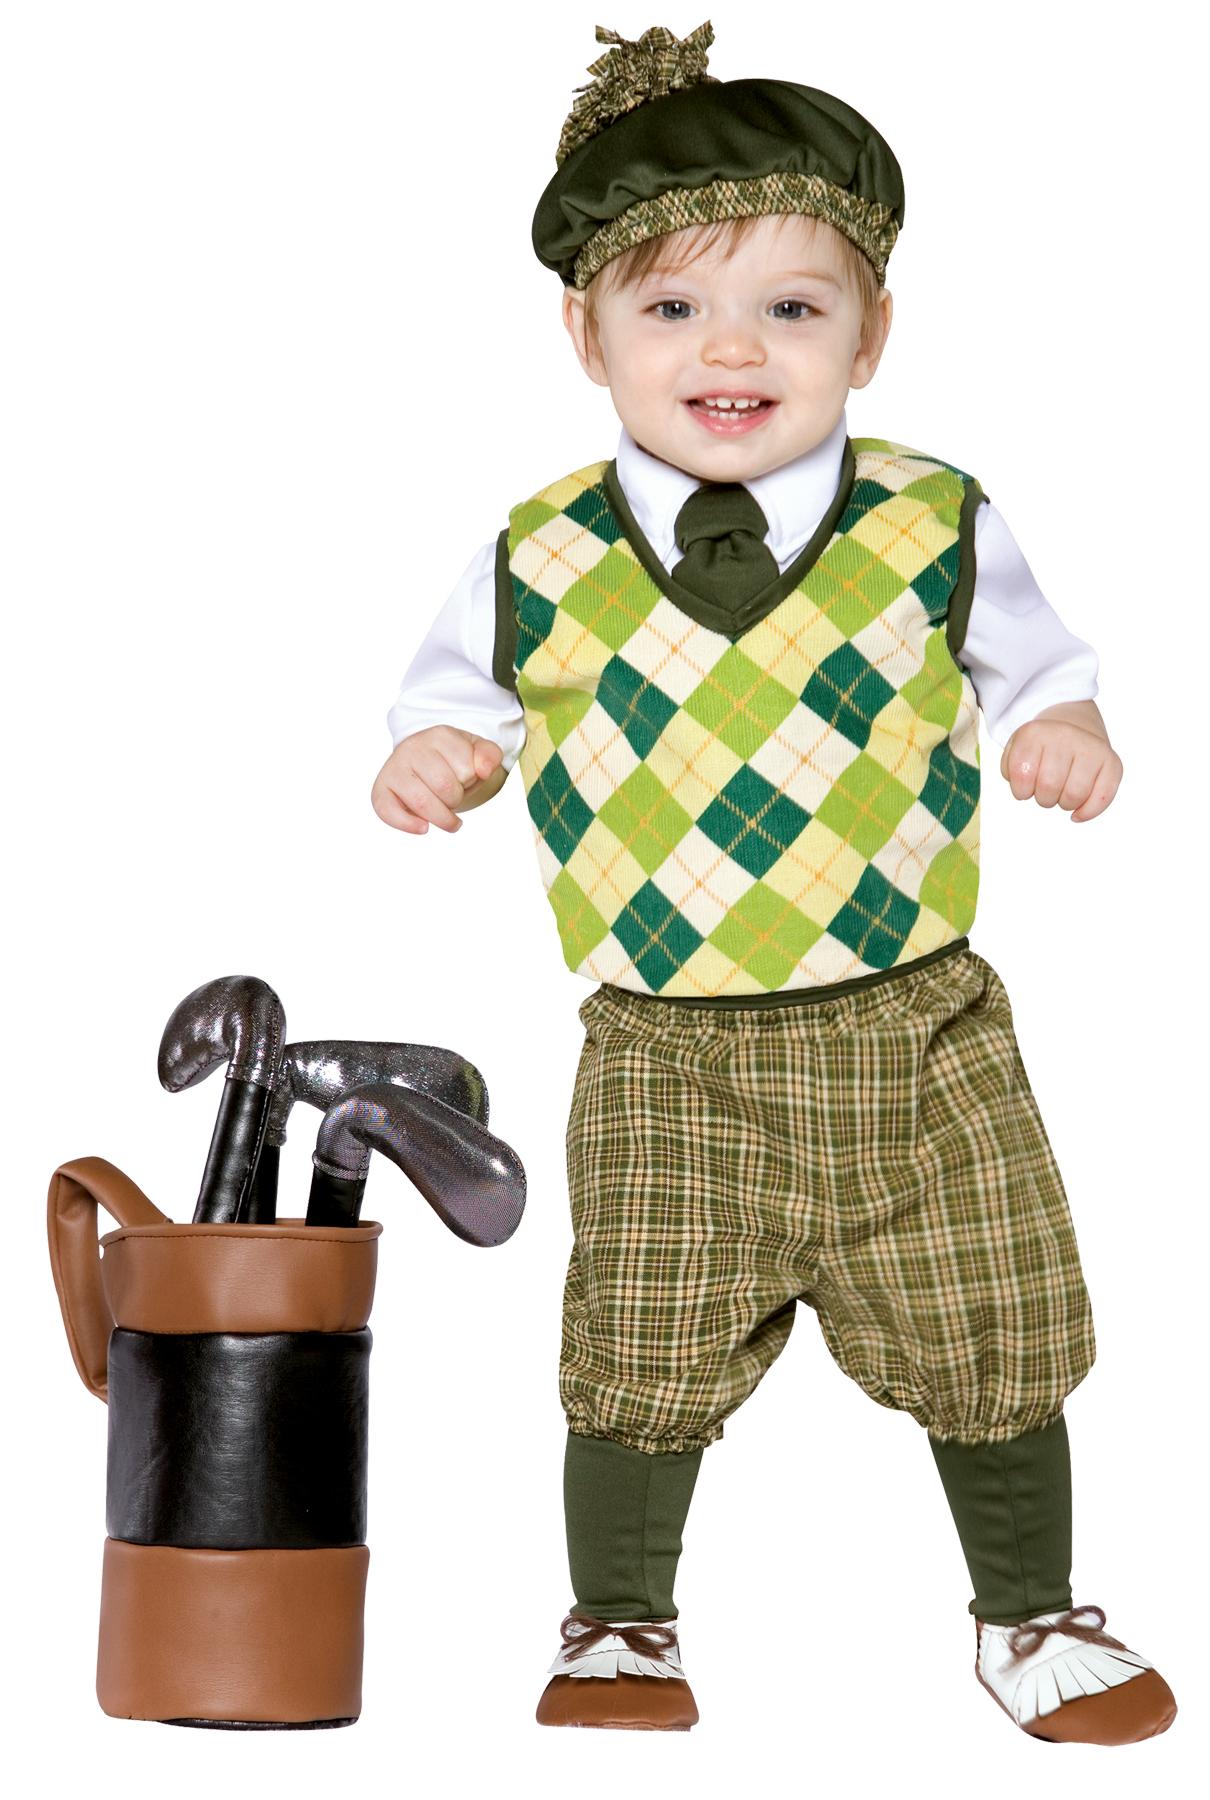 golfer toddler 824 months months costume  costumepub